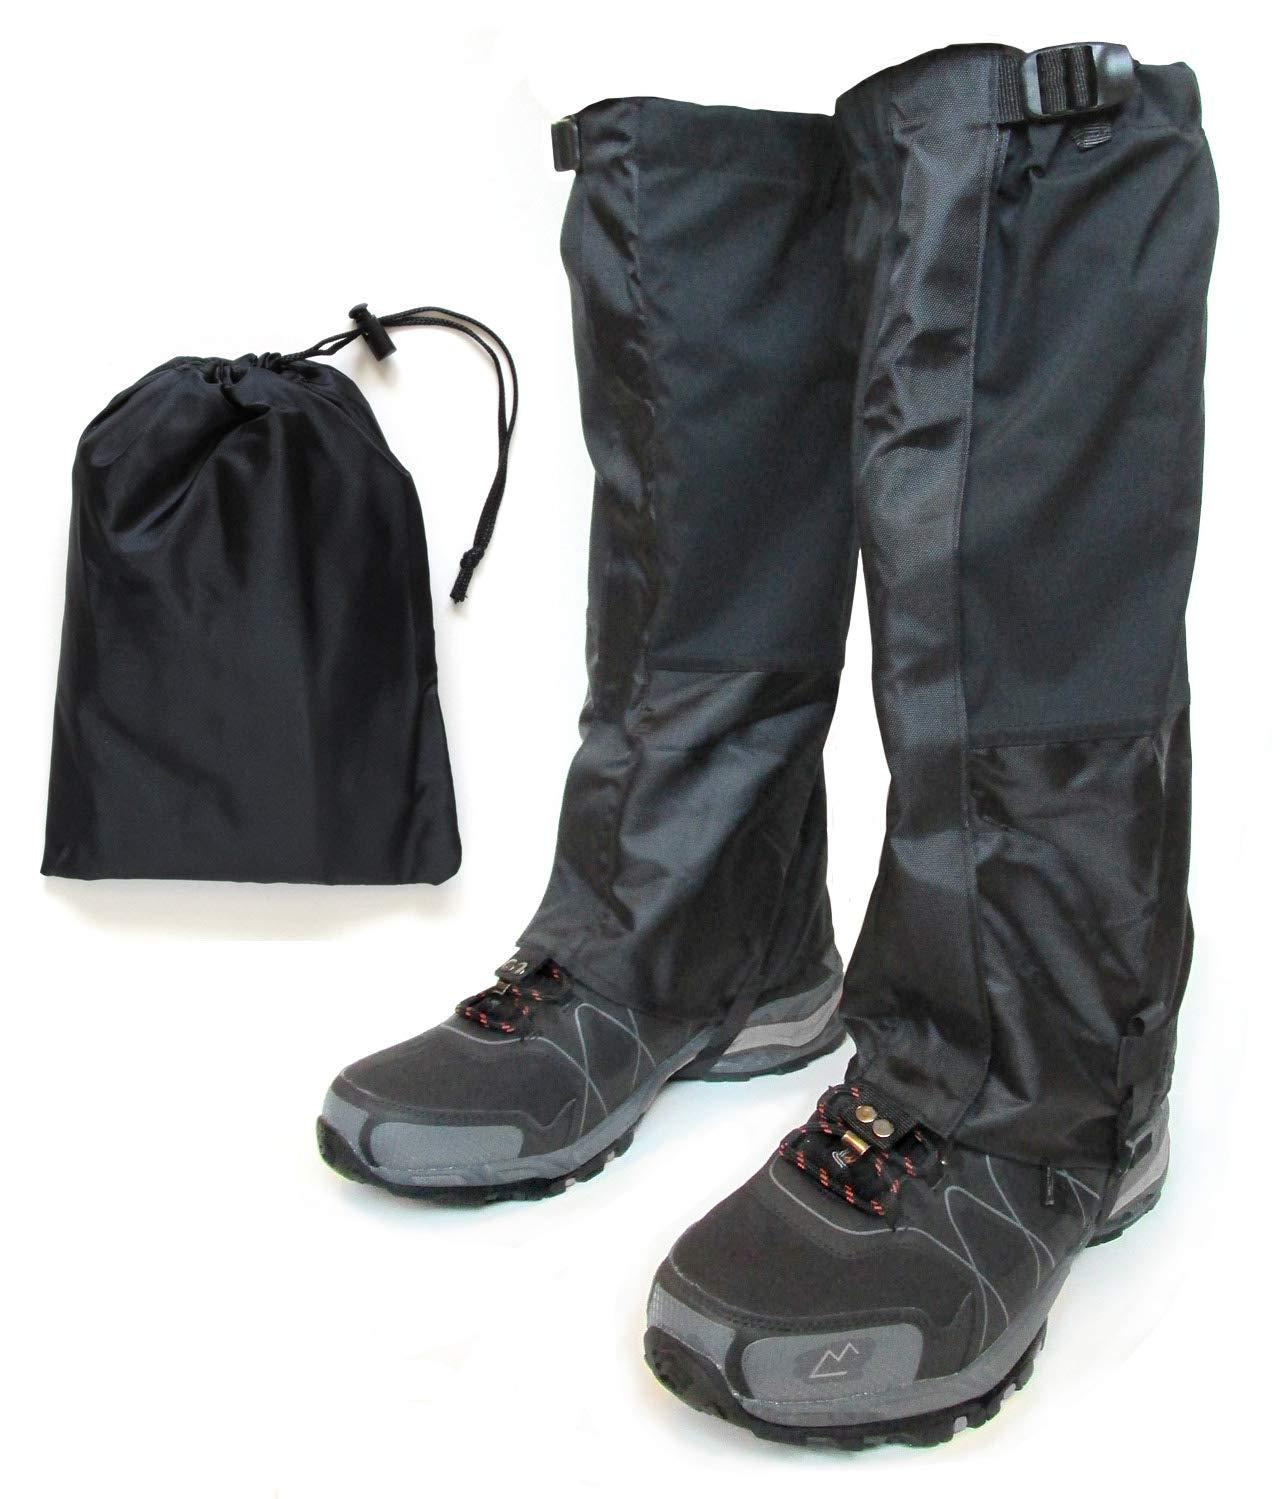 Hiking Gaiter – Waterproof Leg Gaiters for Women and Men – Nylon Lightweight Hiking Shoe Gaiters with Storage Bag